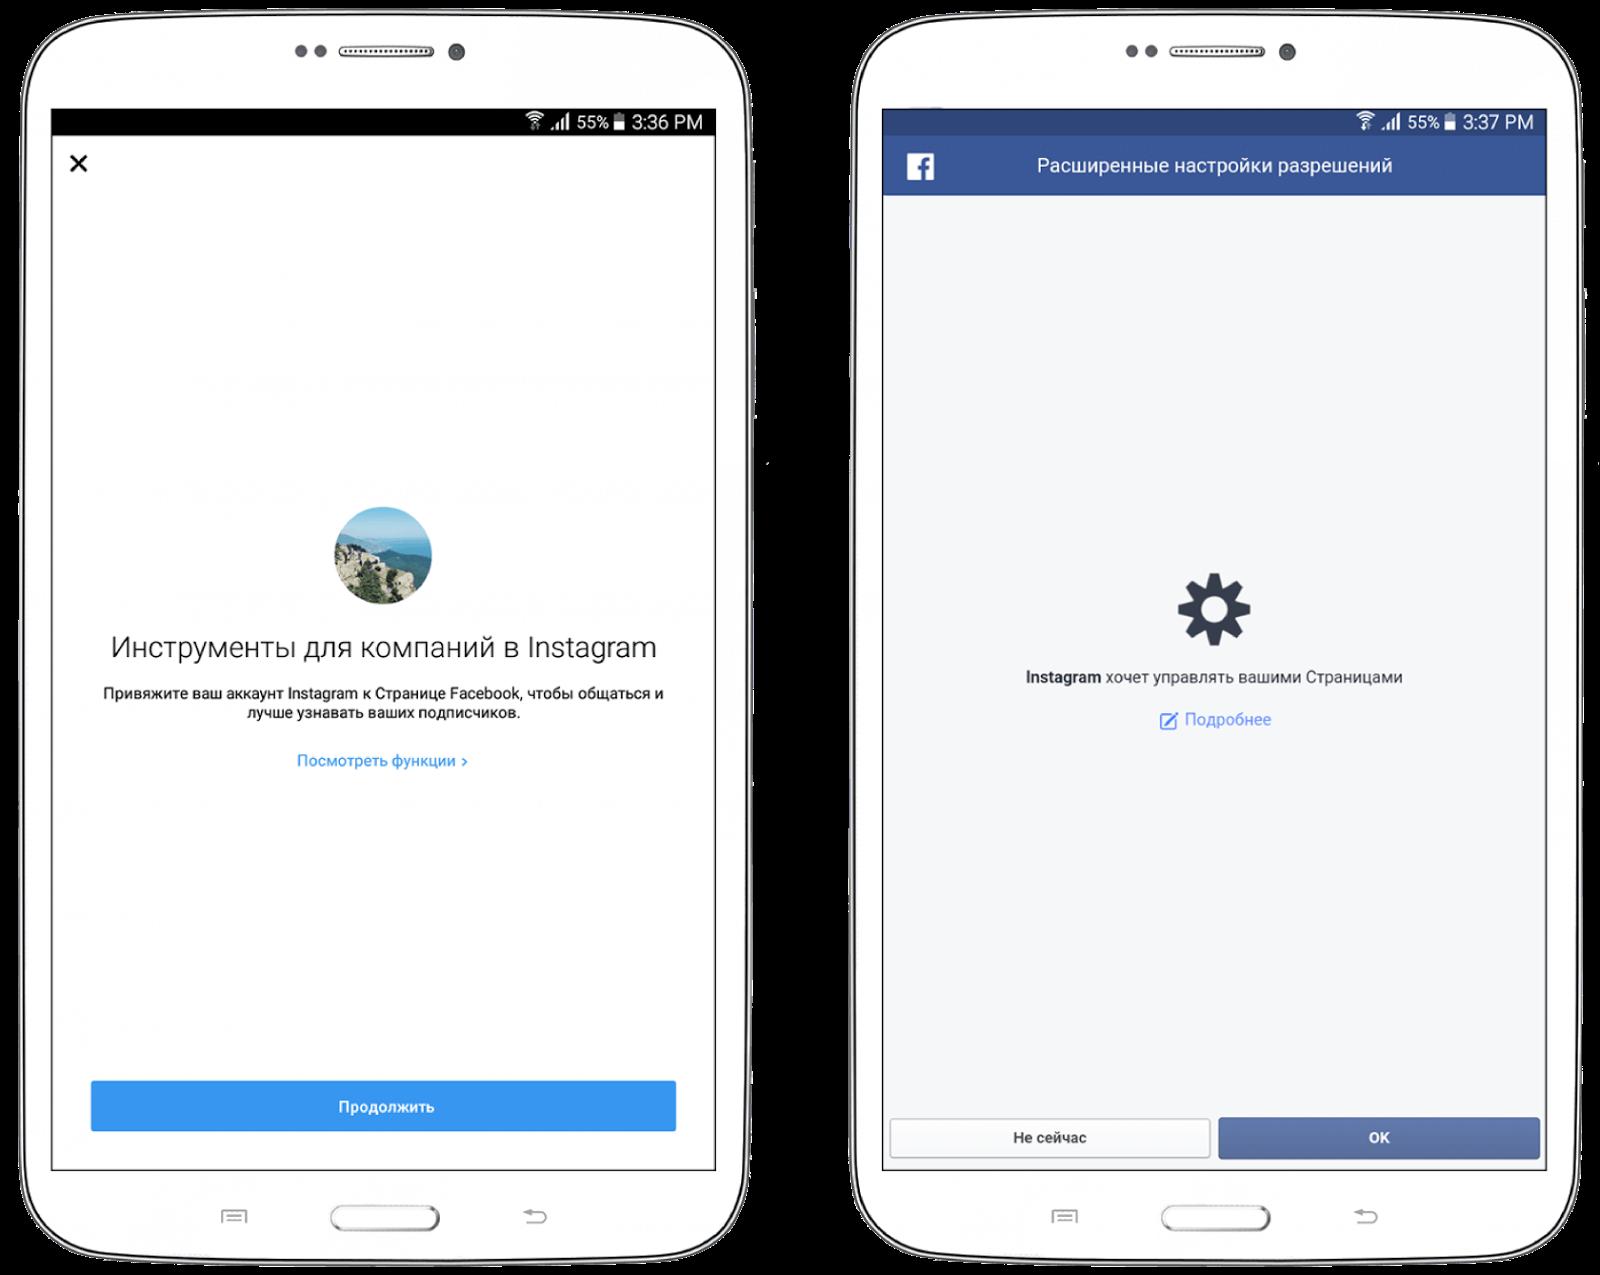 Регістрація бізнес акаунту Instagram